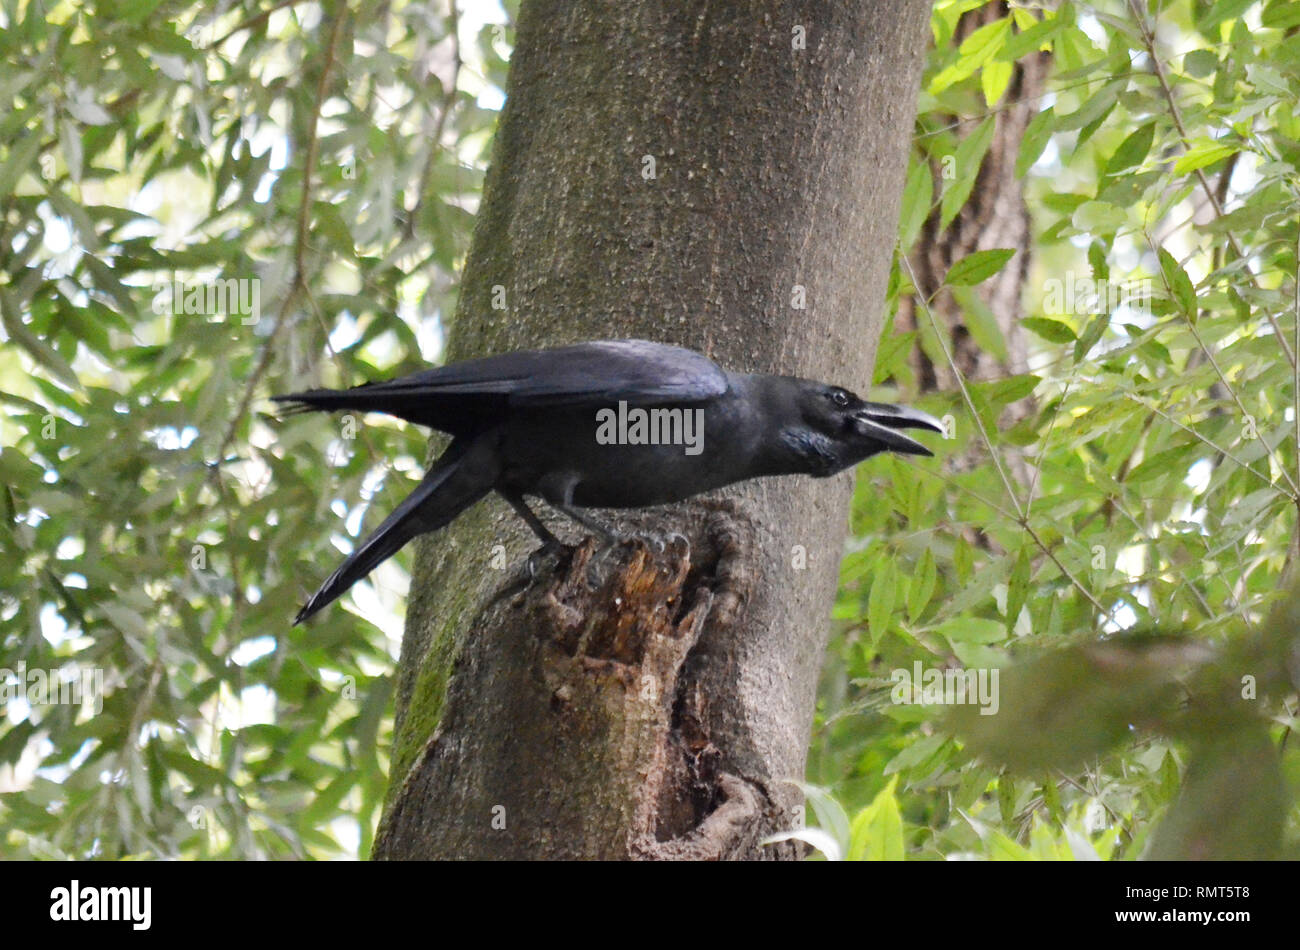 LARGE BLACK RAVEN CROW CORVUS BIRD IN WOODS PARK - Stock Image